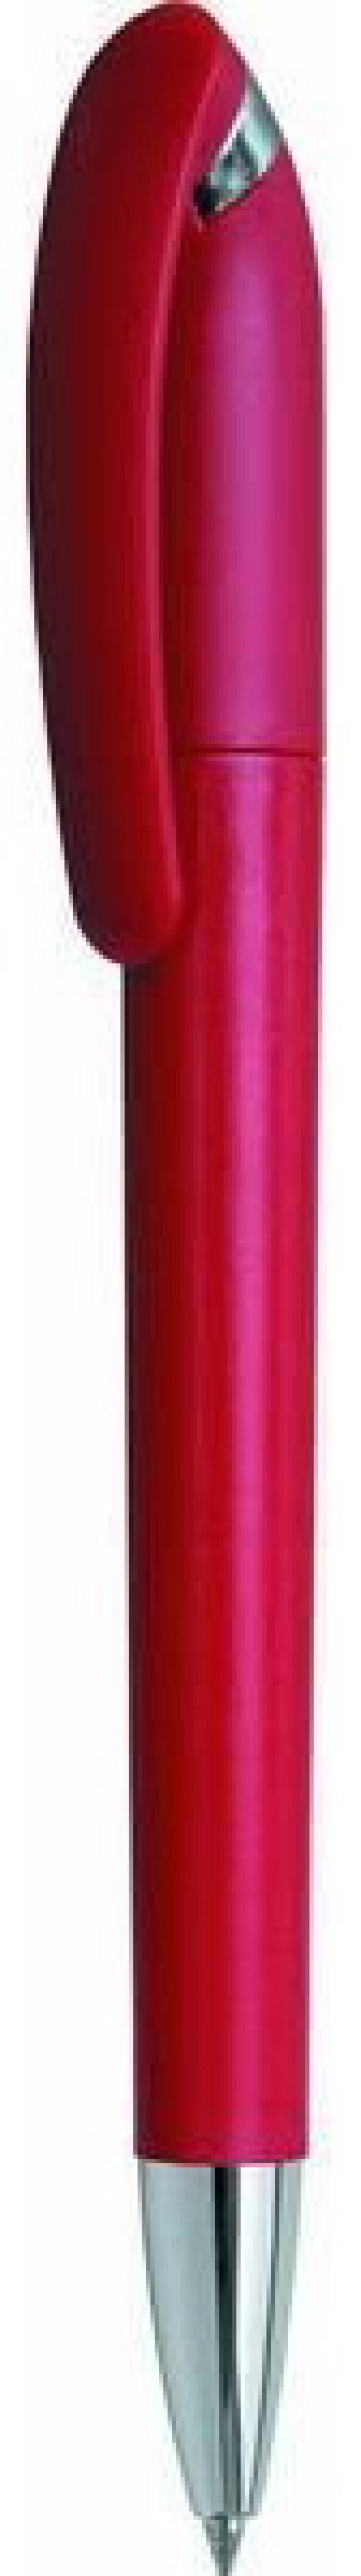 Шариковая ручка автоматическая Index APPLICA синий 0.5 мм IBP302/RD IBP302/RD канцелярия index точилка автоматическая